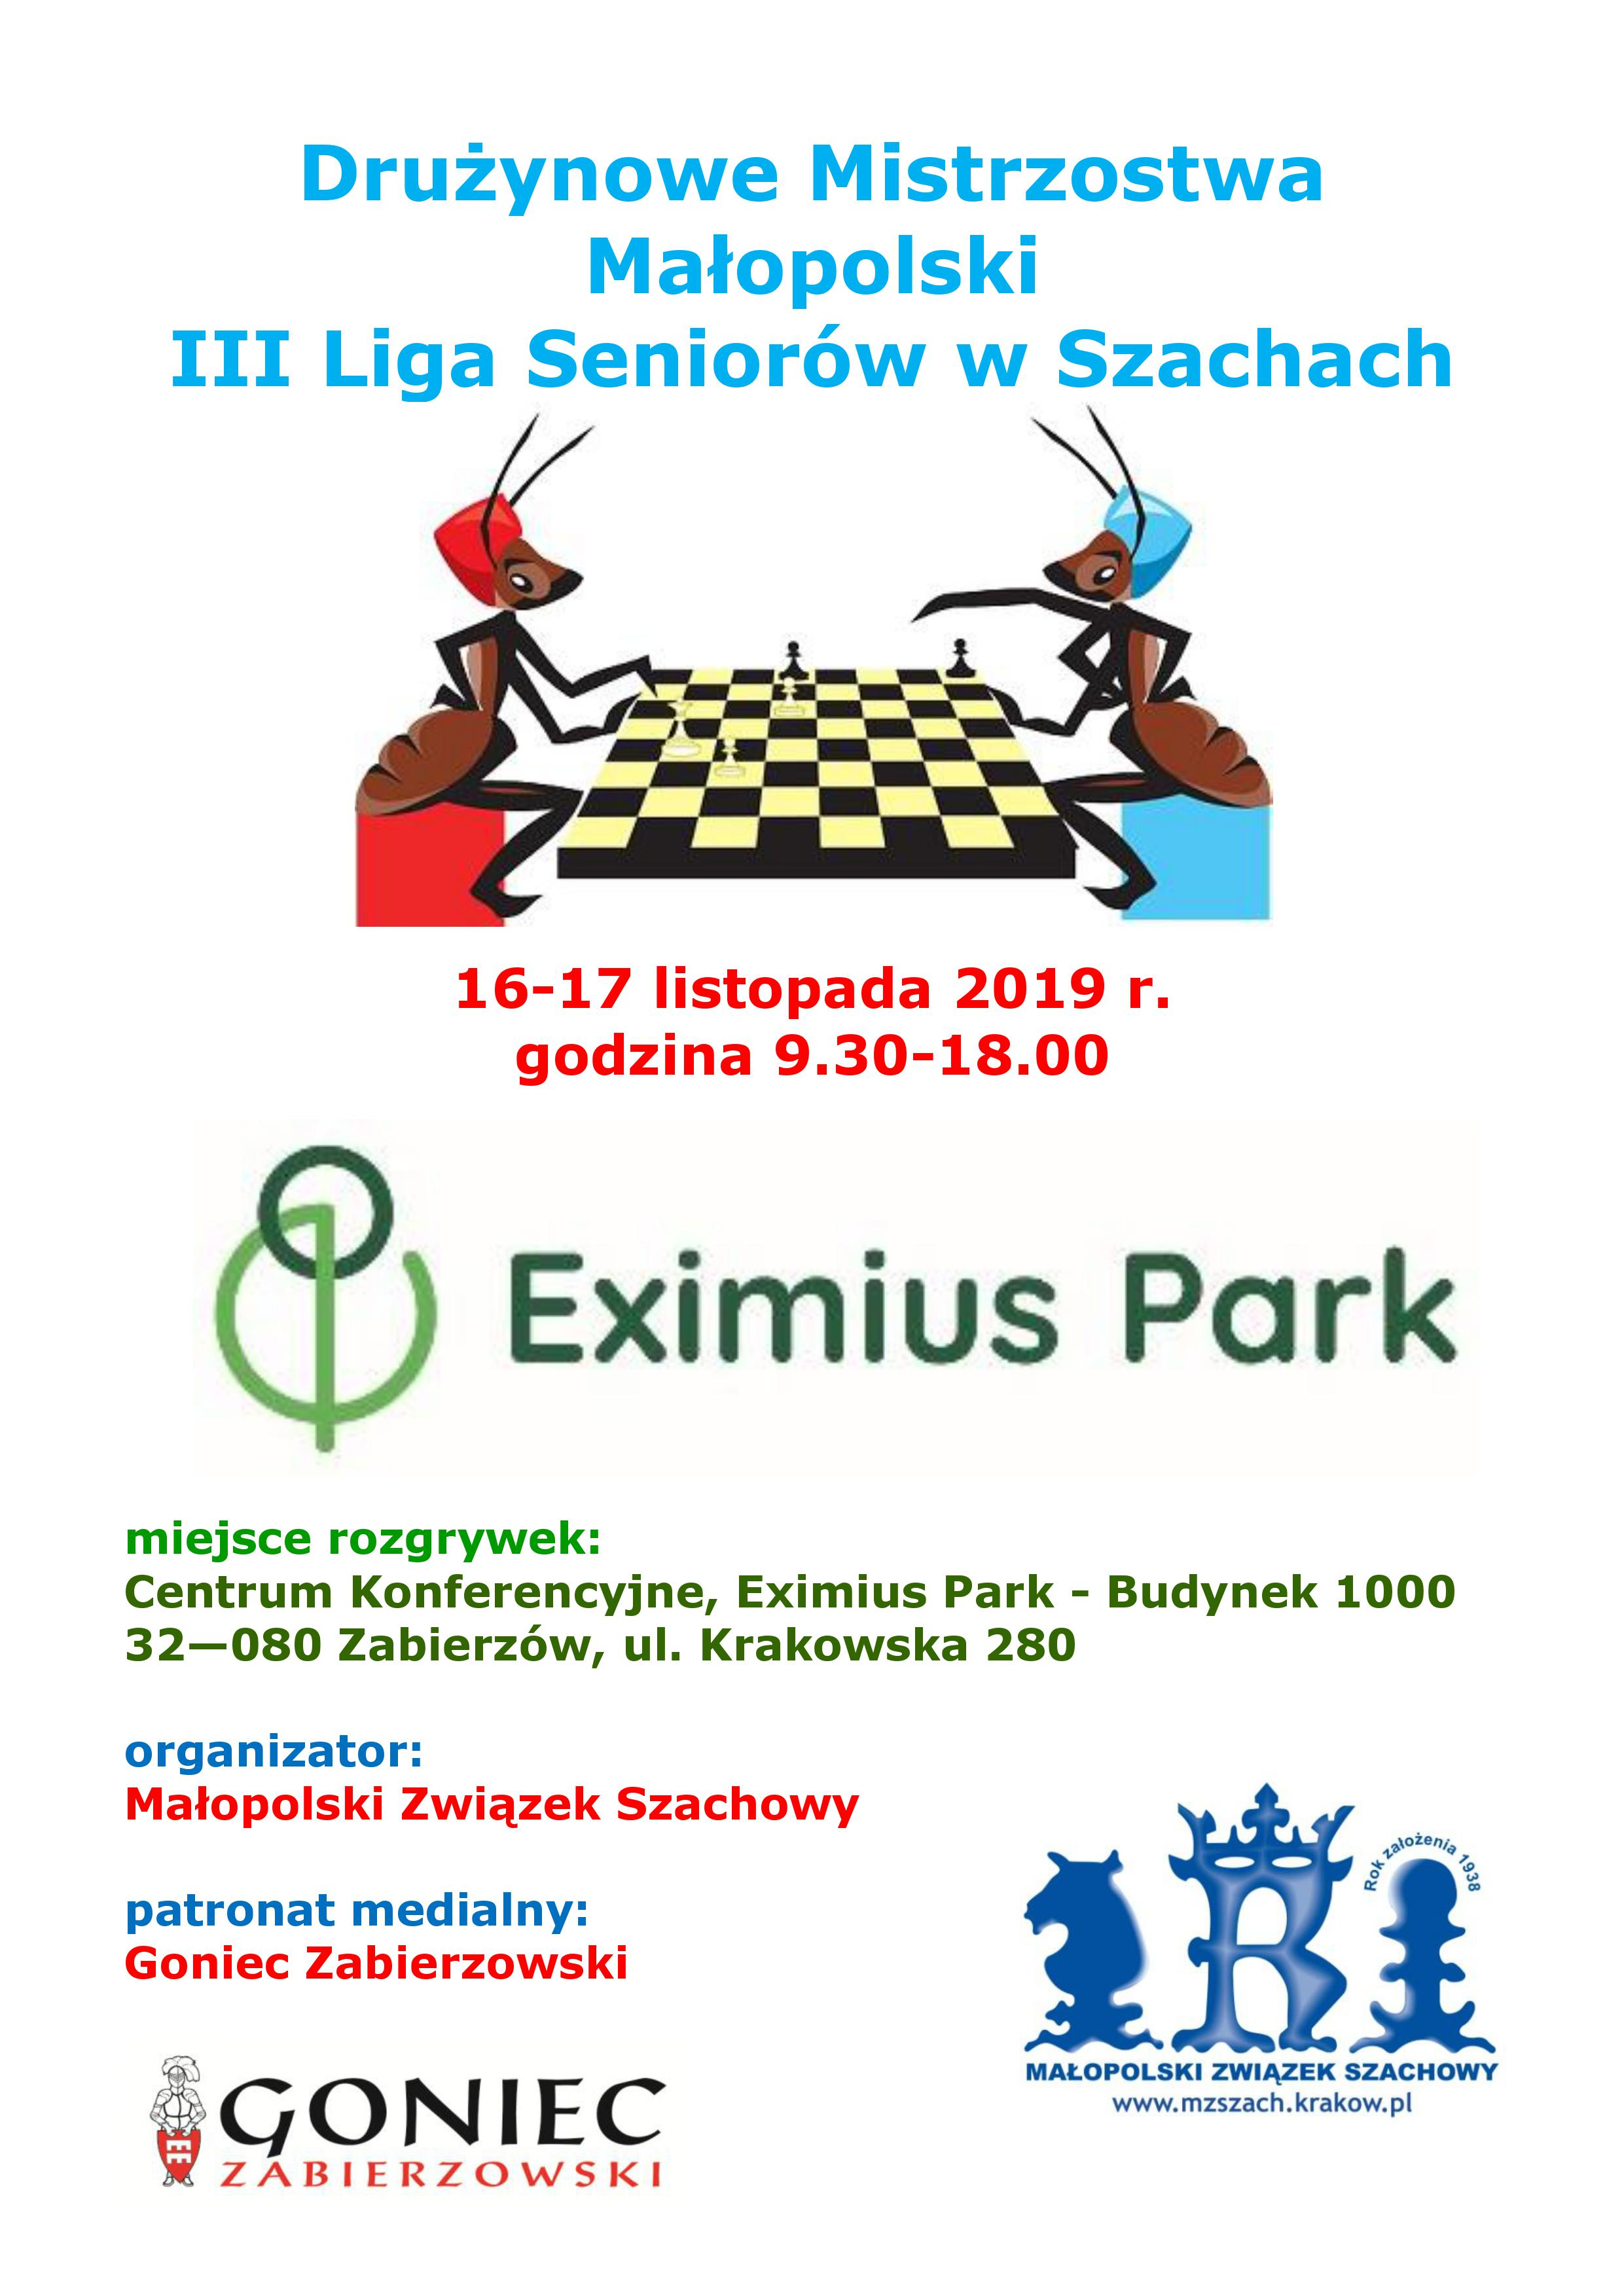 Drużynowe Mistrzostwa Małopolski III Liga Seniorów w Szachach @ Zabierzów | małopolskie | Polska